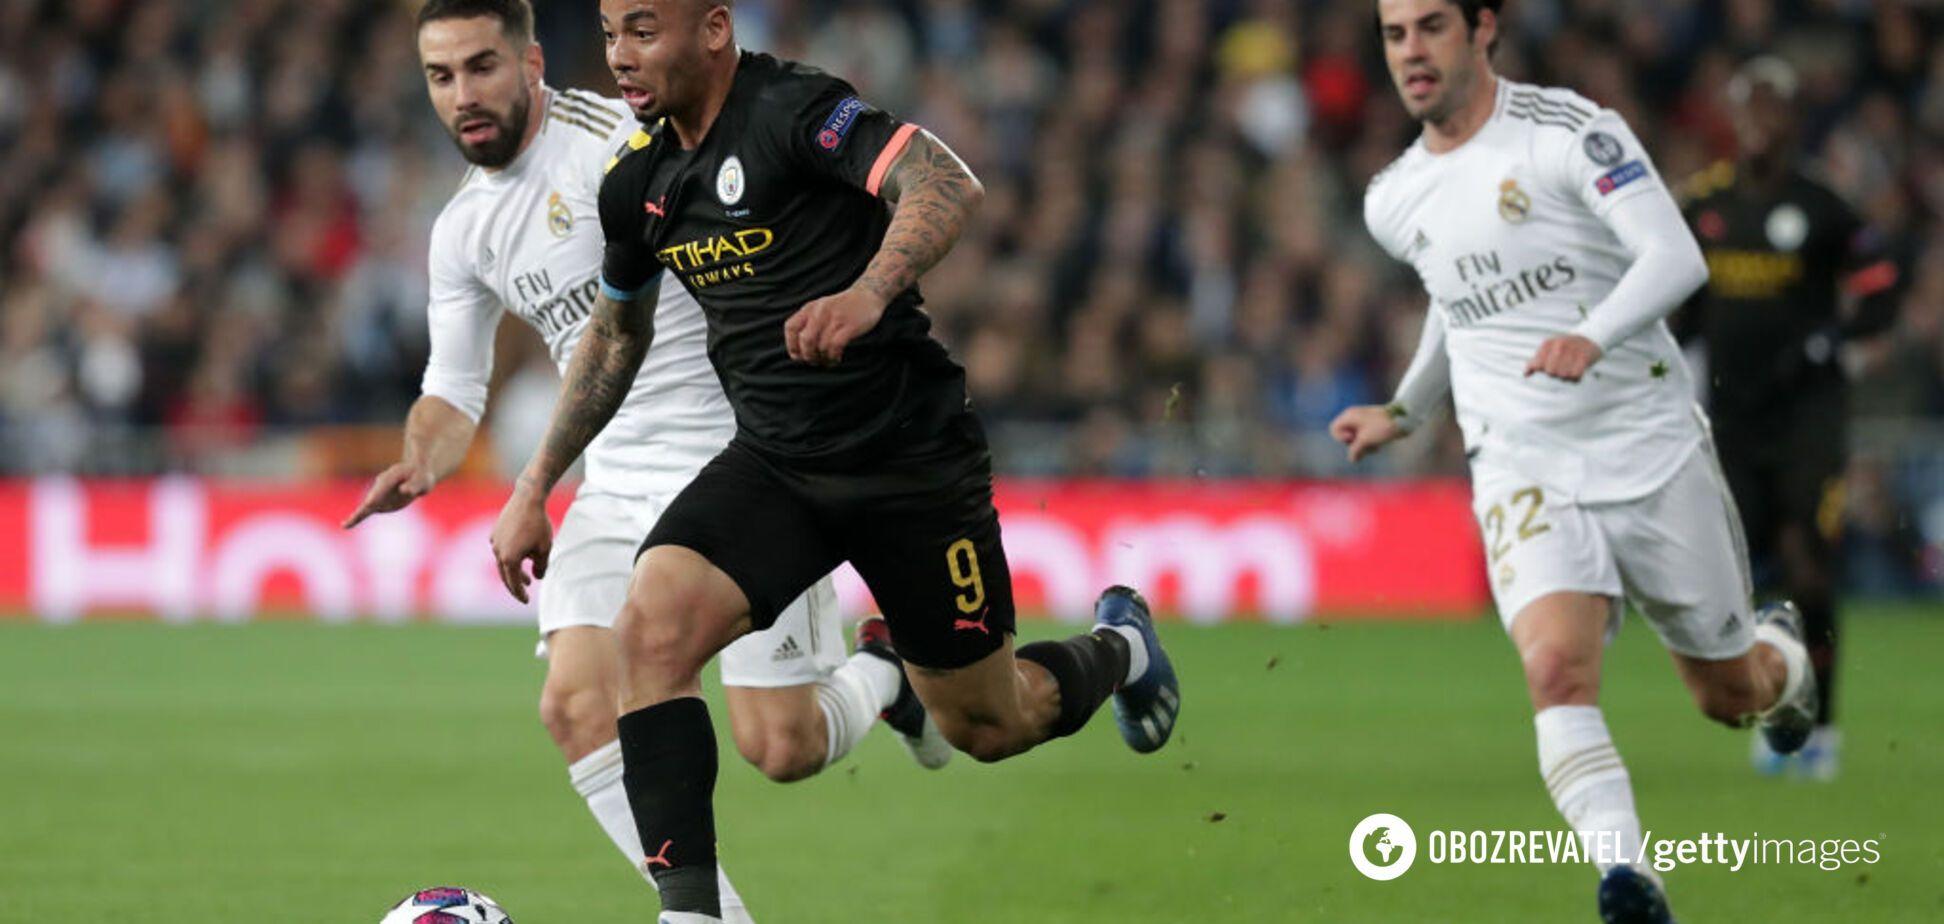 'Реал' - 'Манчестер Сити': видеообзор Лиги чемпионов